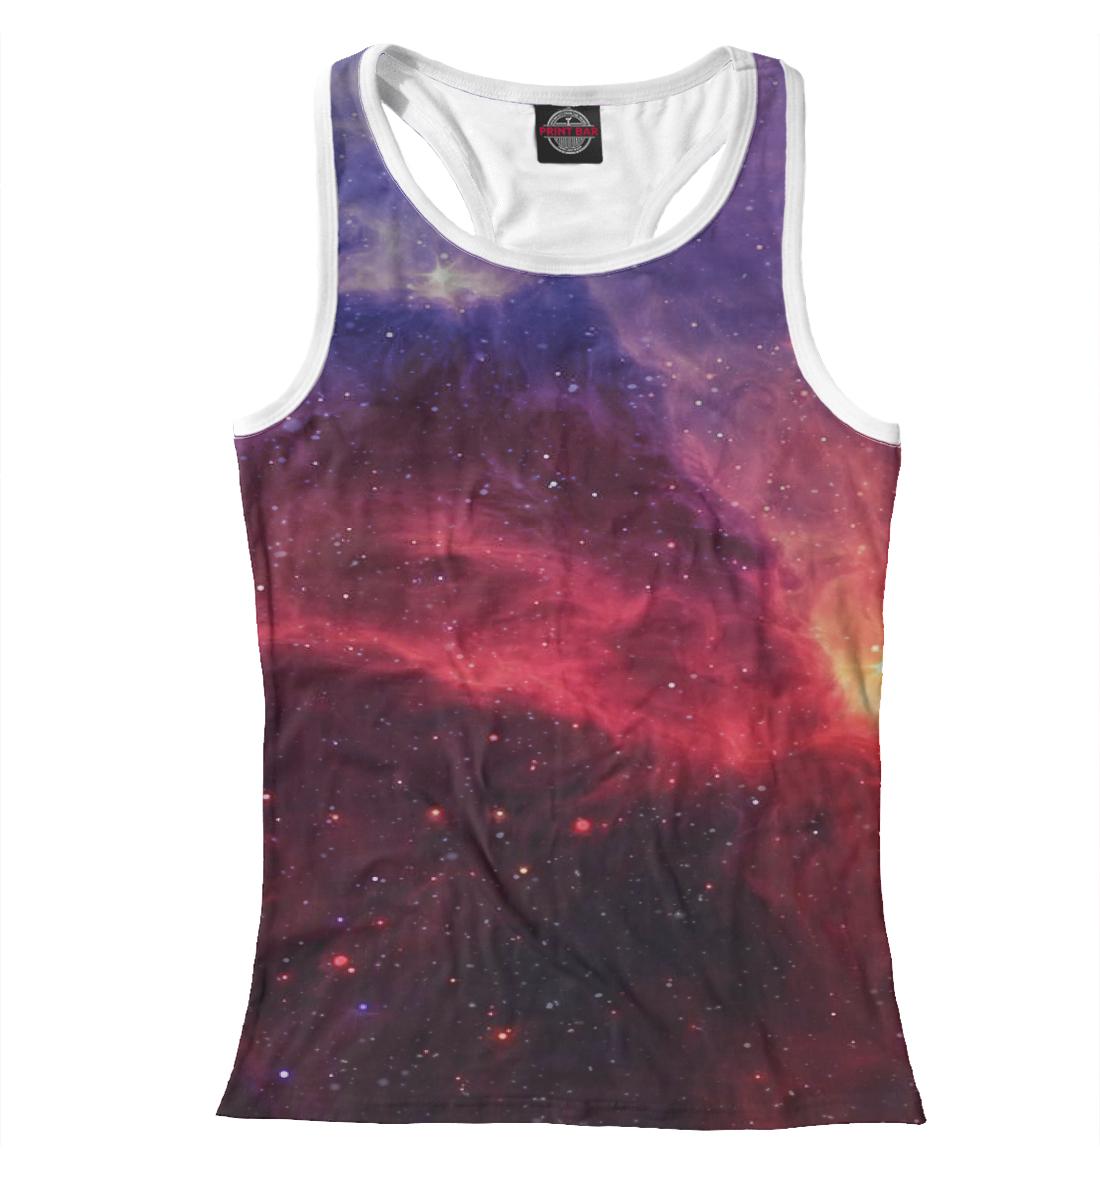 Купить Космический свет, Printbar, Майки борцовки, APD-104651-mayb-1